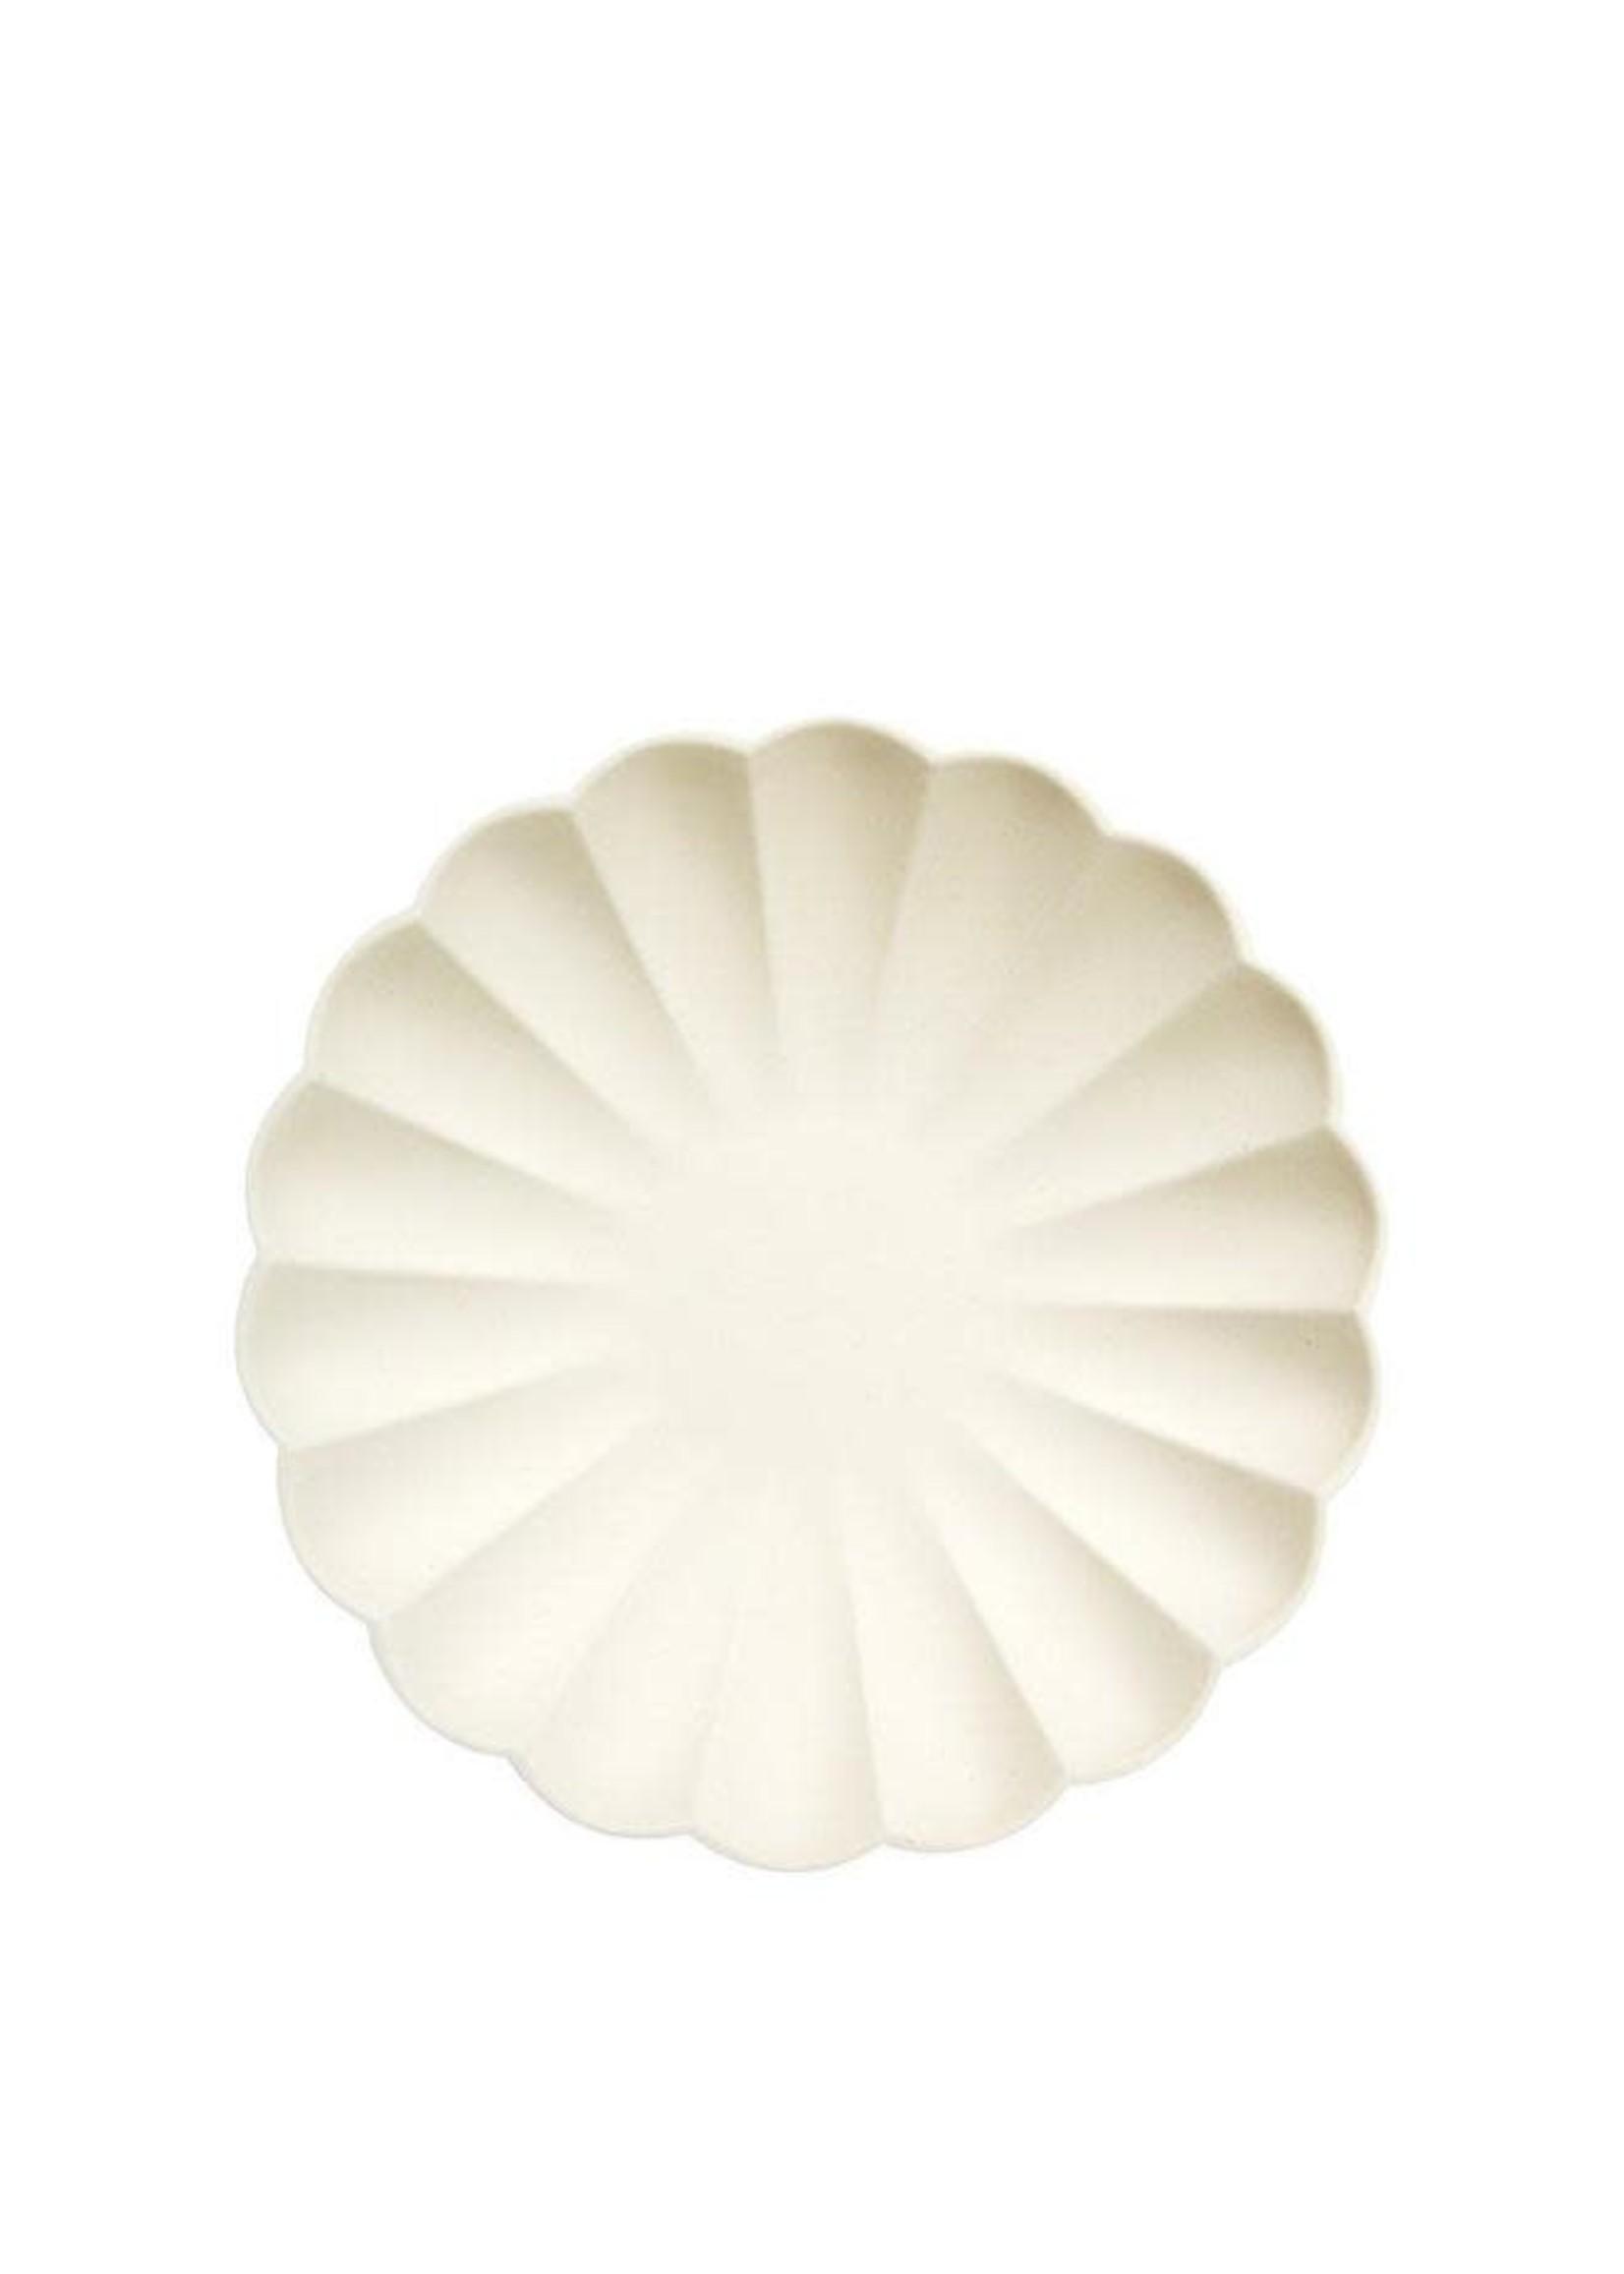 Meri Meri Paper Plates - Cream Small